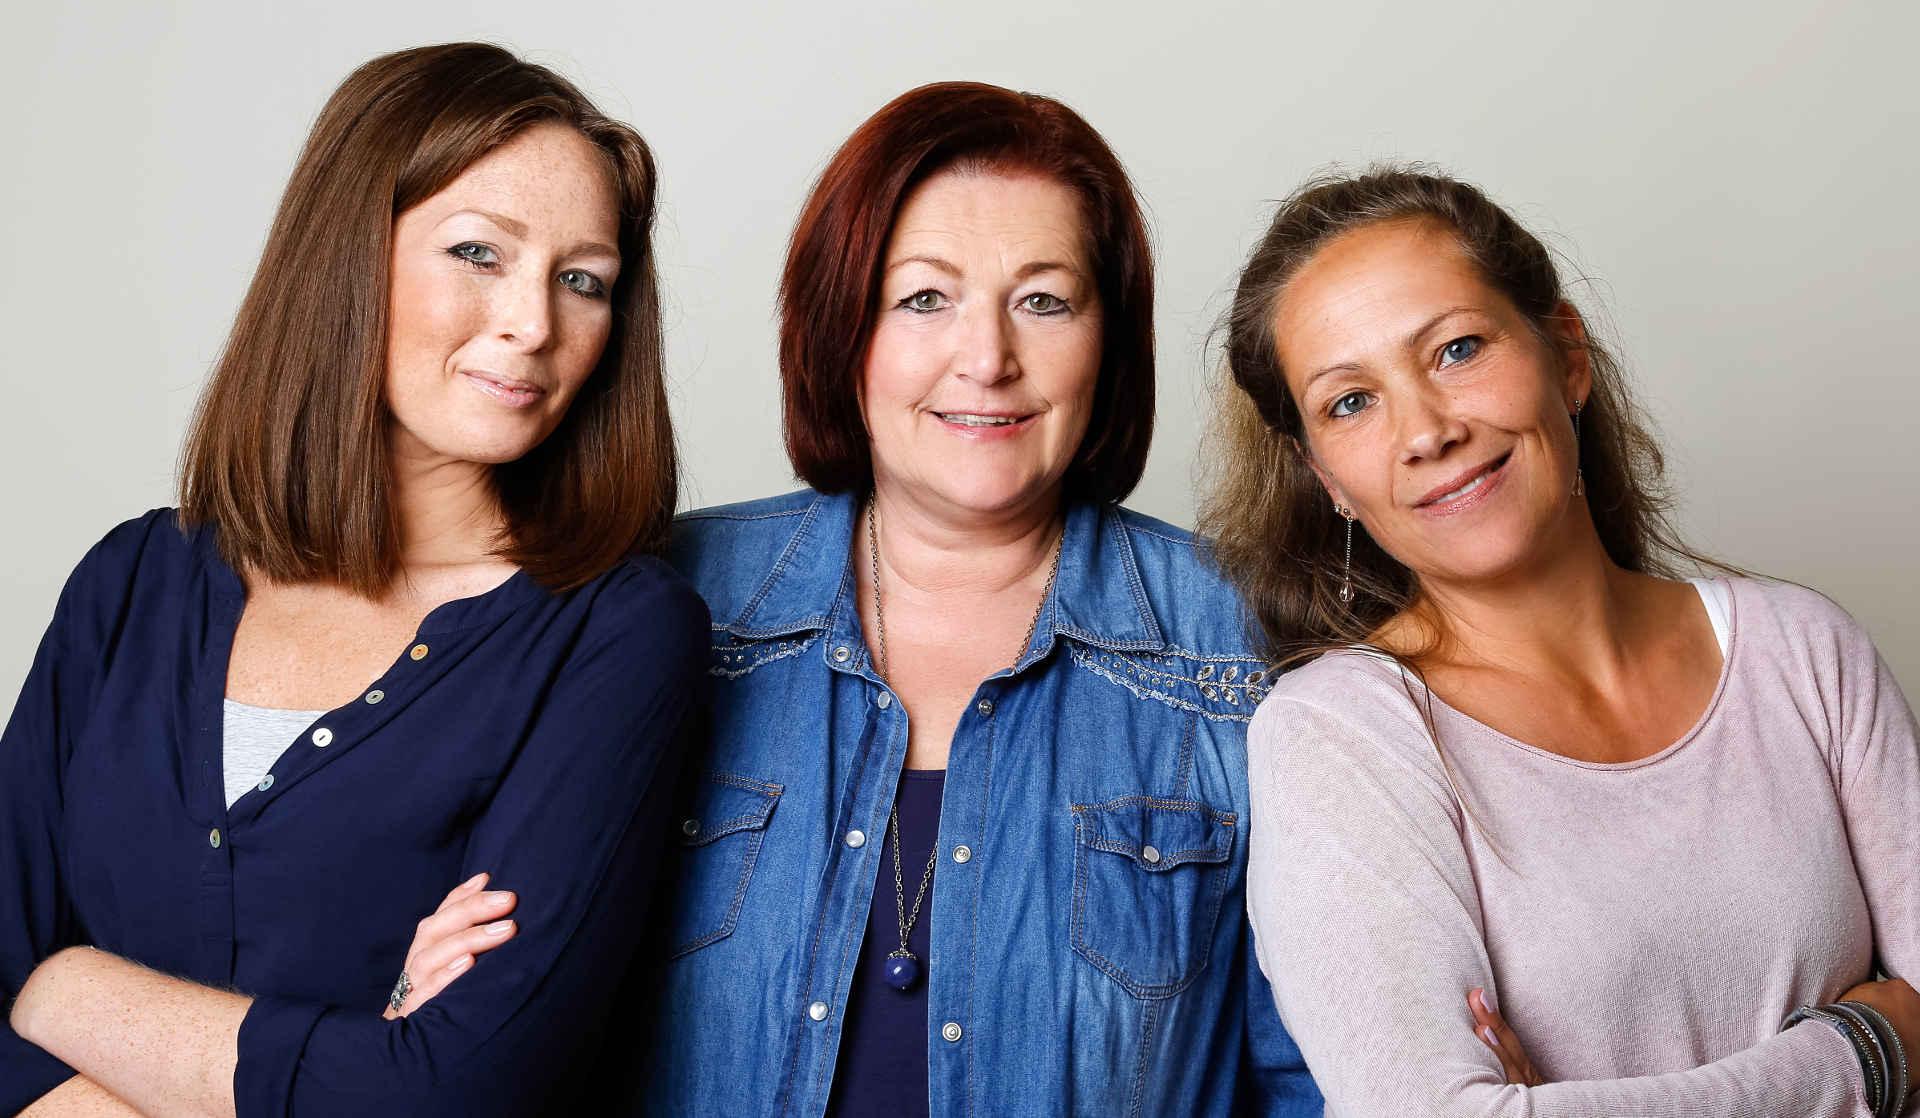 Die Reise Bielefeld Das-Team (vlnr) Marlen Wiemeler und Ulrike Wiemeler und Anja Recksiek - Ihr Reisebüro in Bielefeld